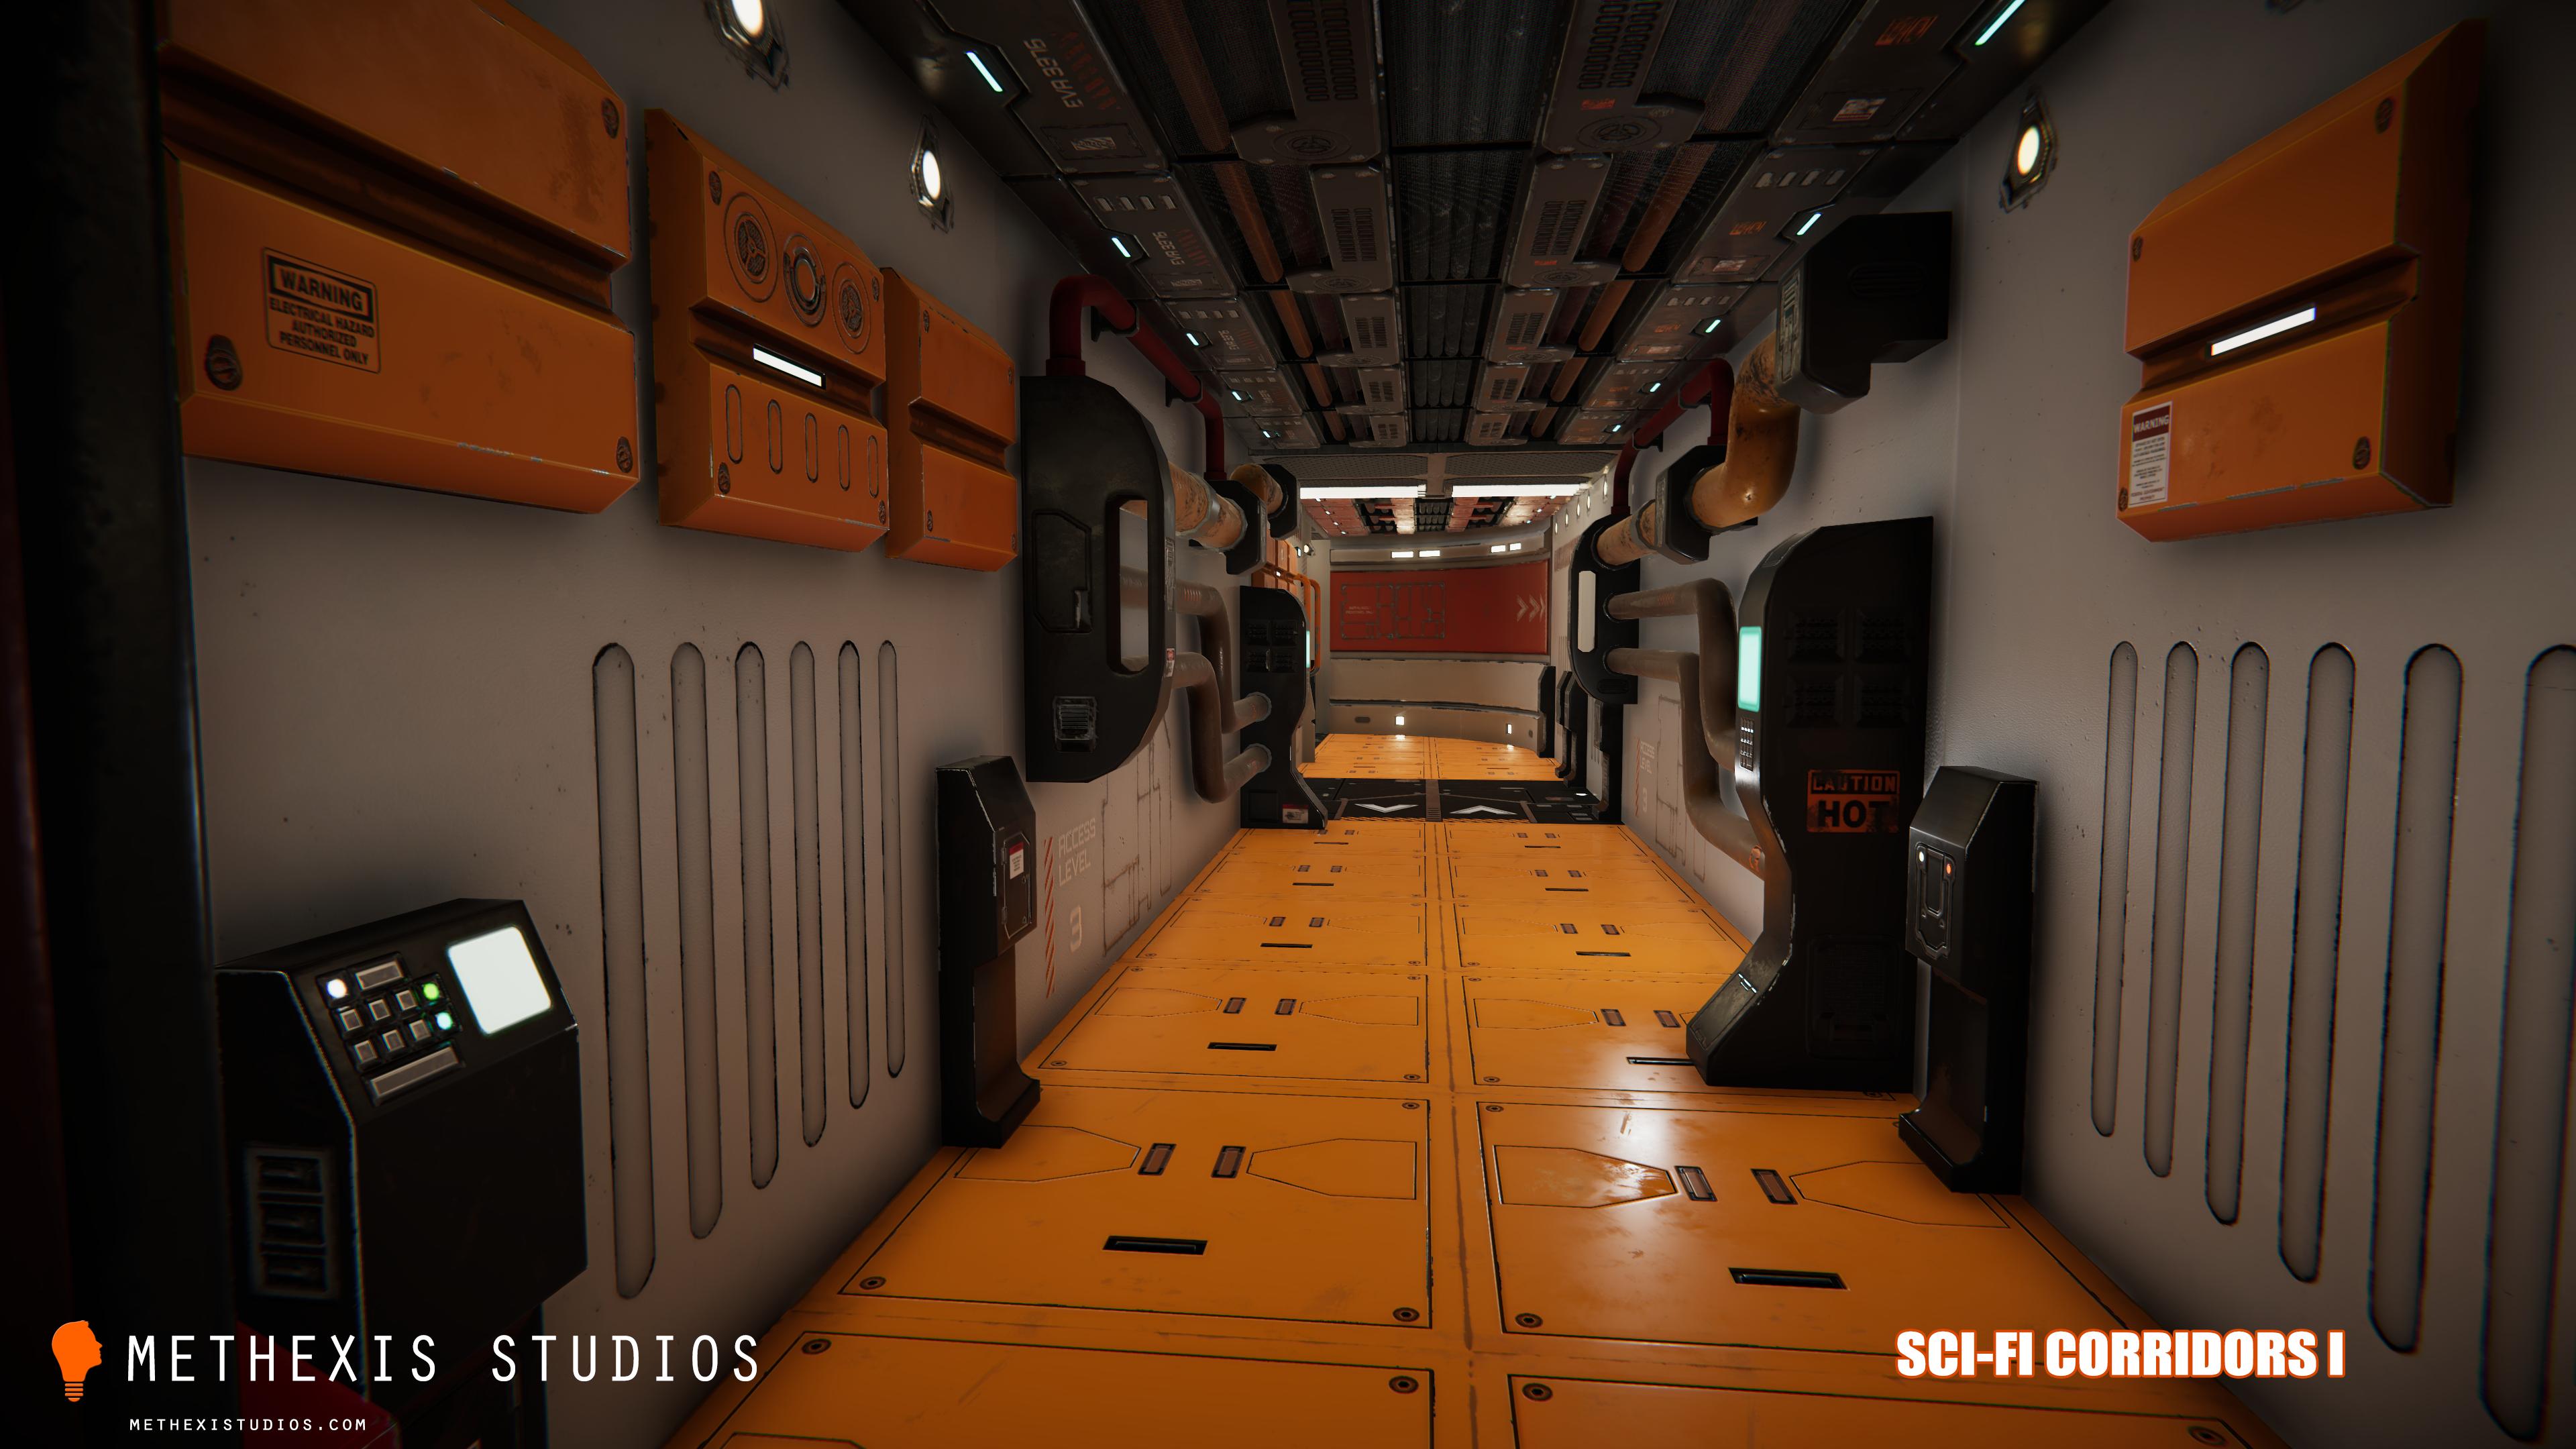 Sci-Fi Corridors I